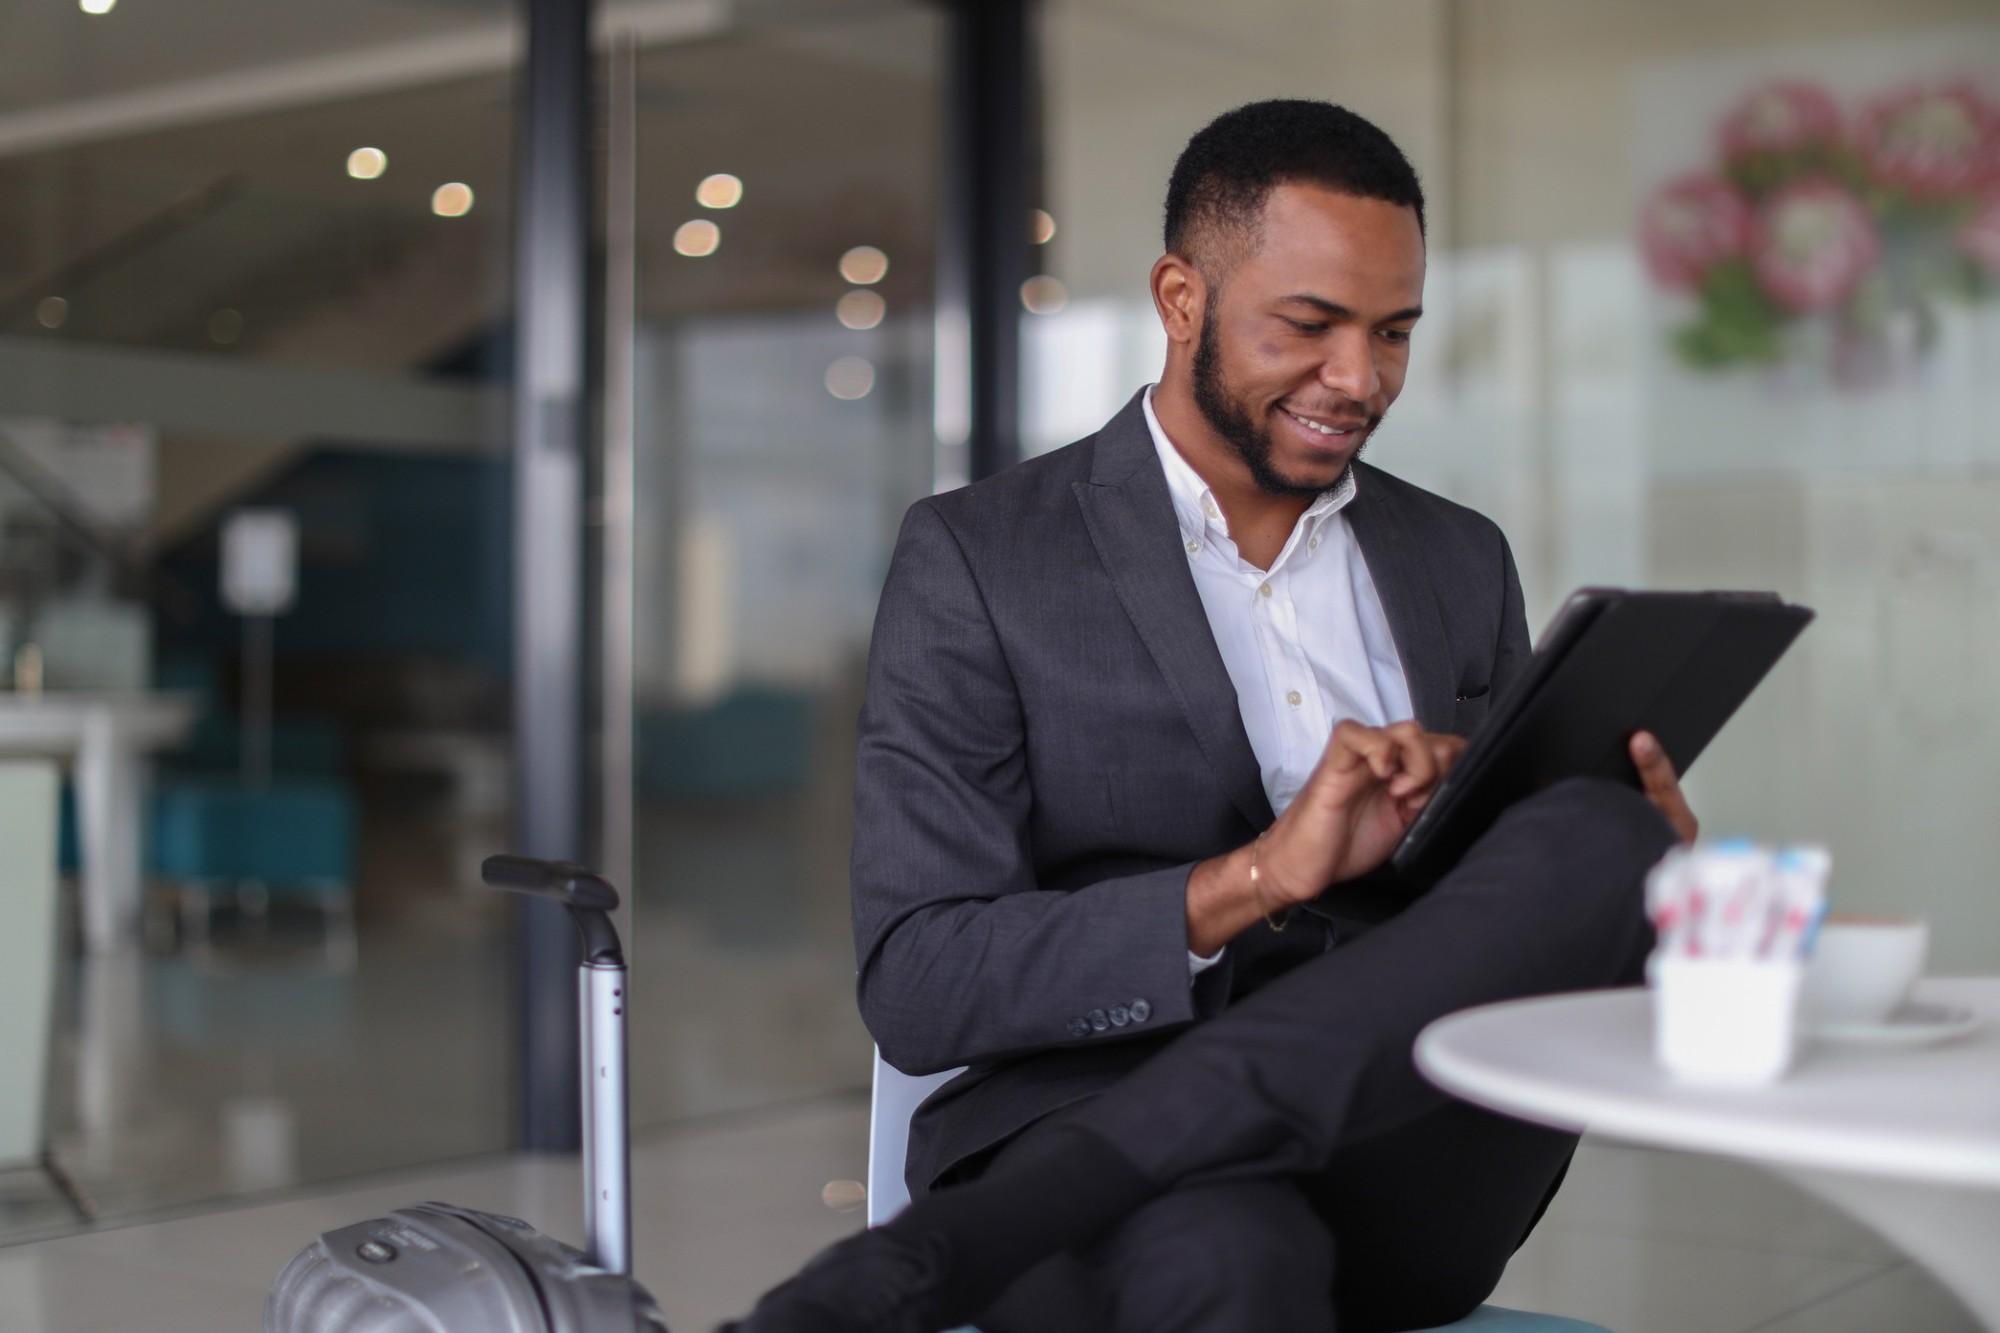 Gestor de viagens corporativas 2.0 tendências para a profissão - Argo Solutions - Simplifying your journey